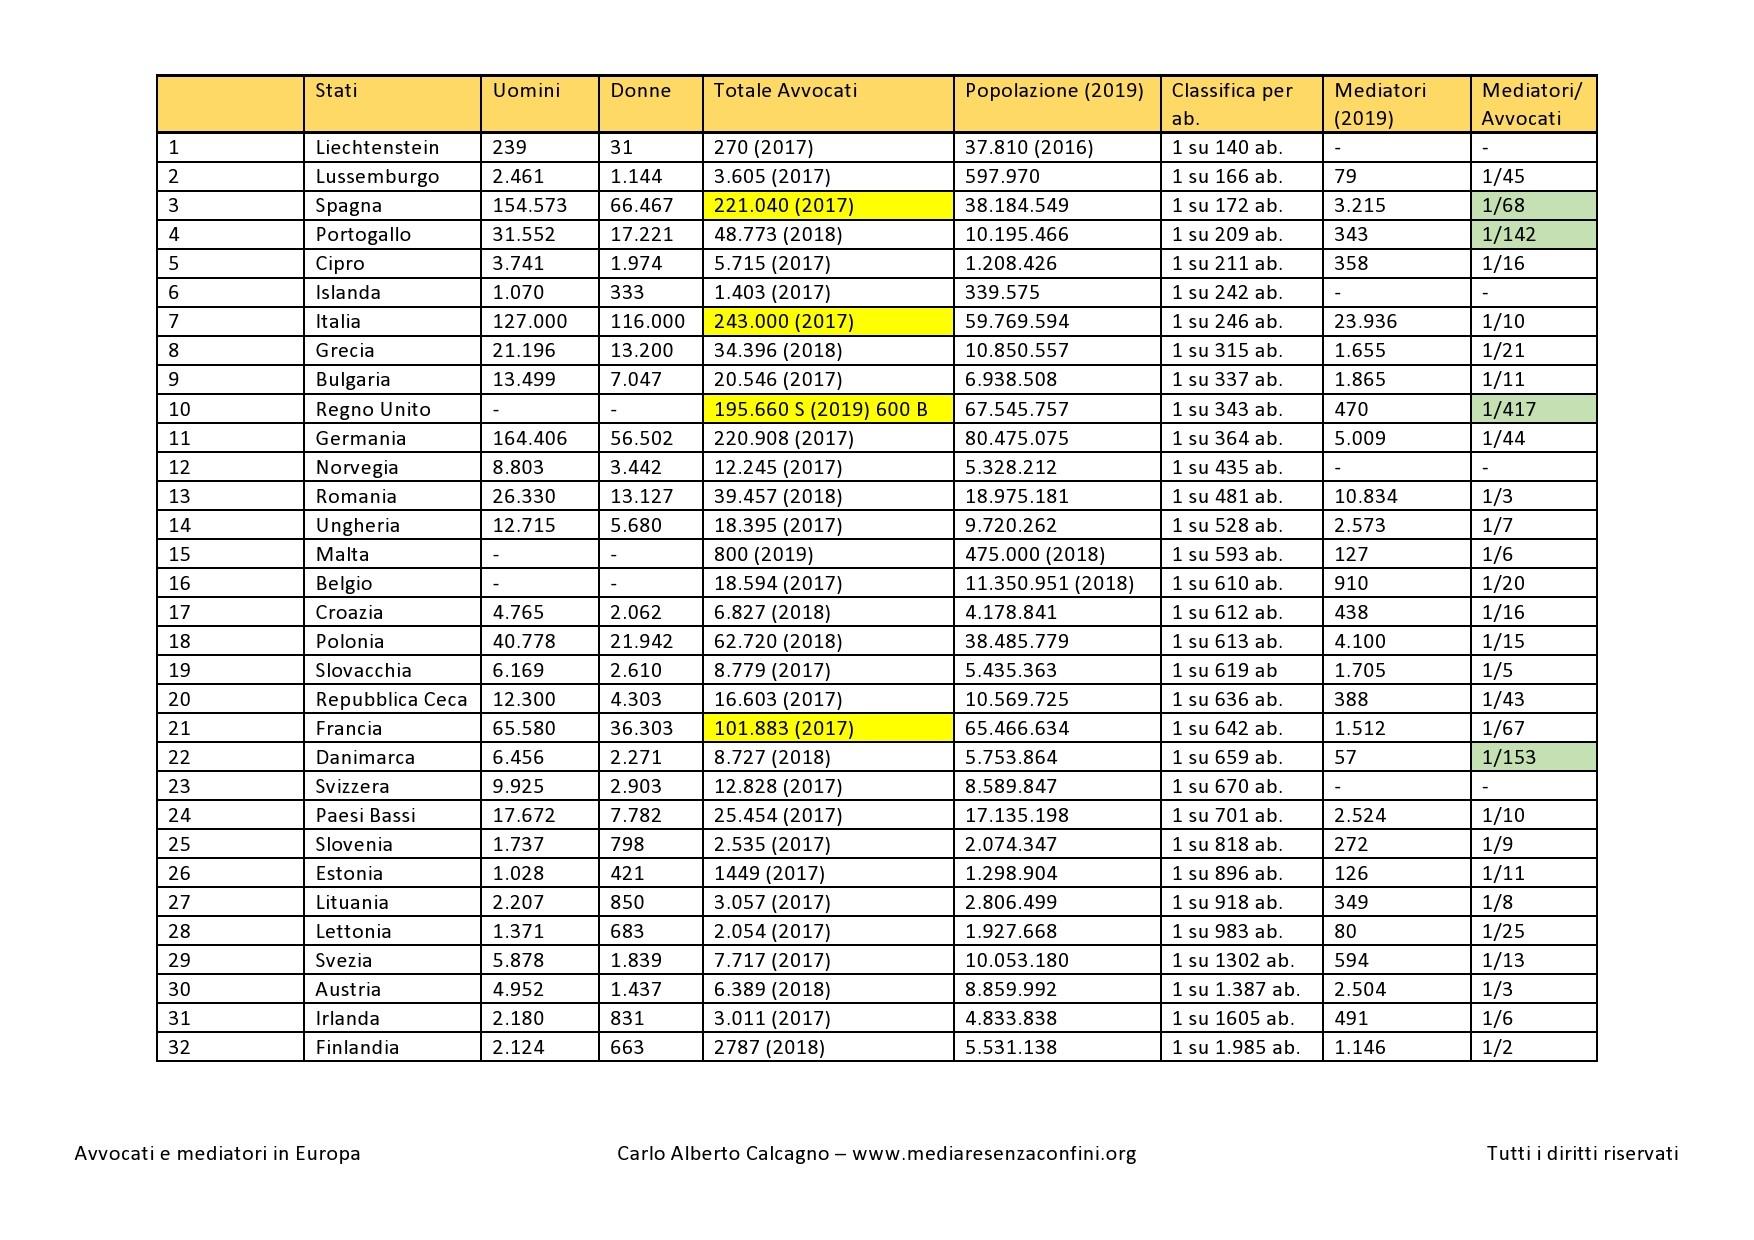 rapporto mediatori avvocati in europa2 page0001